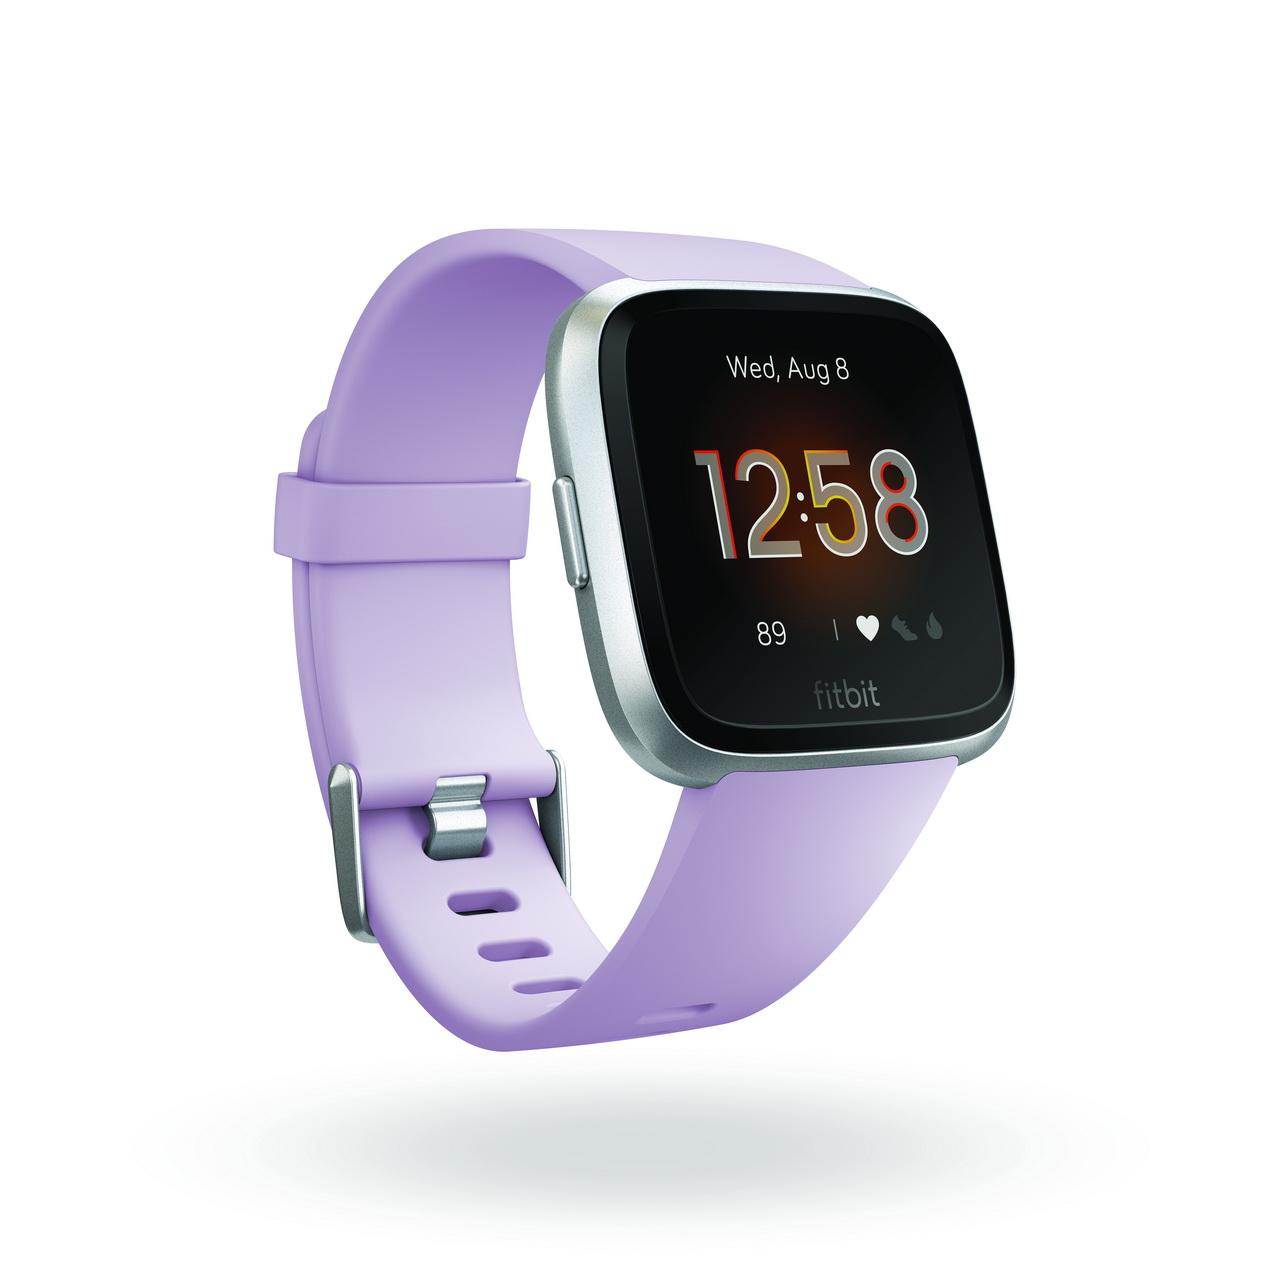 Un smartwatch económico pero con funciones avanzadas — Fitbit Versa Lite